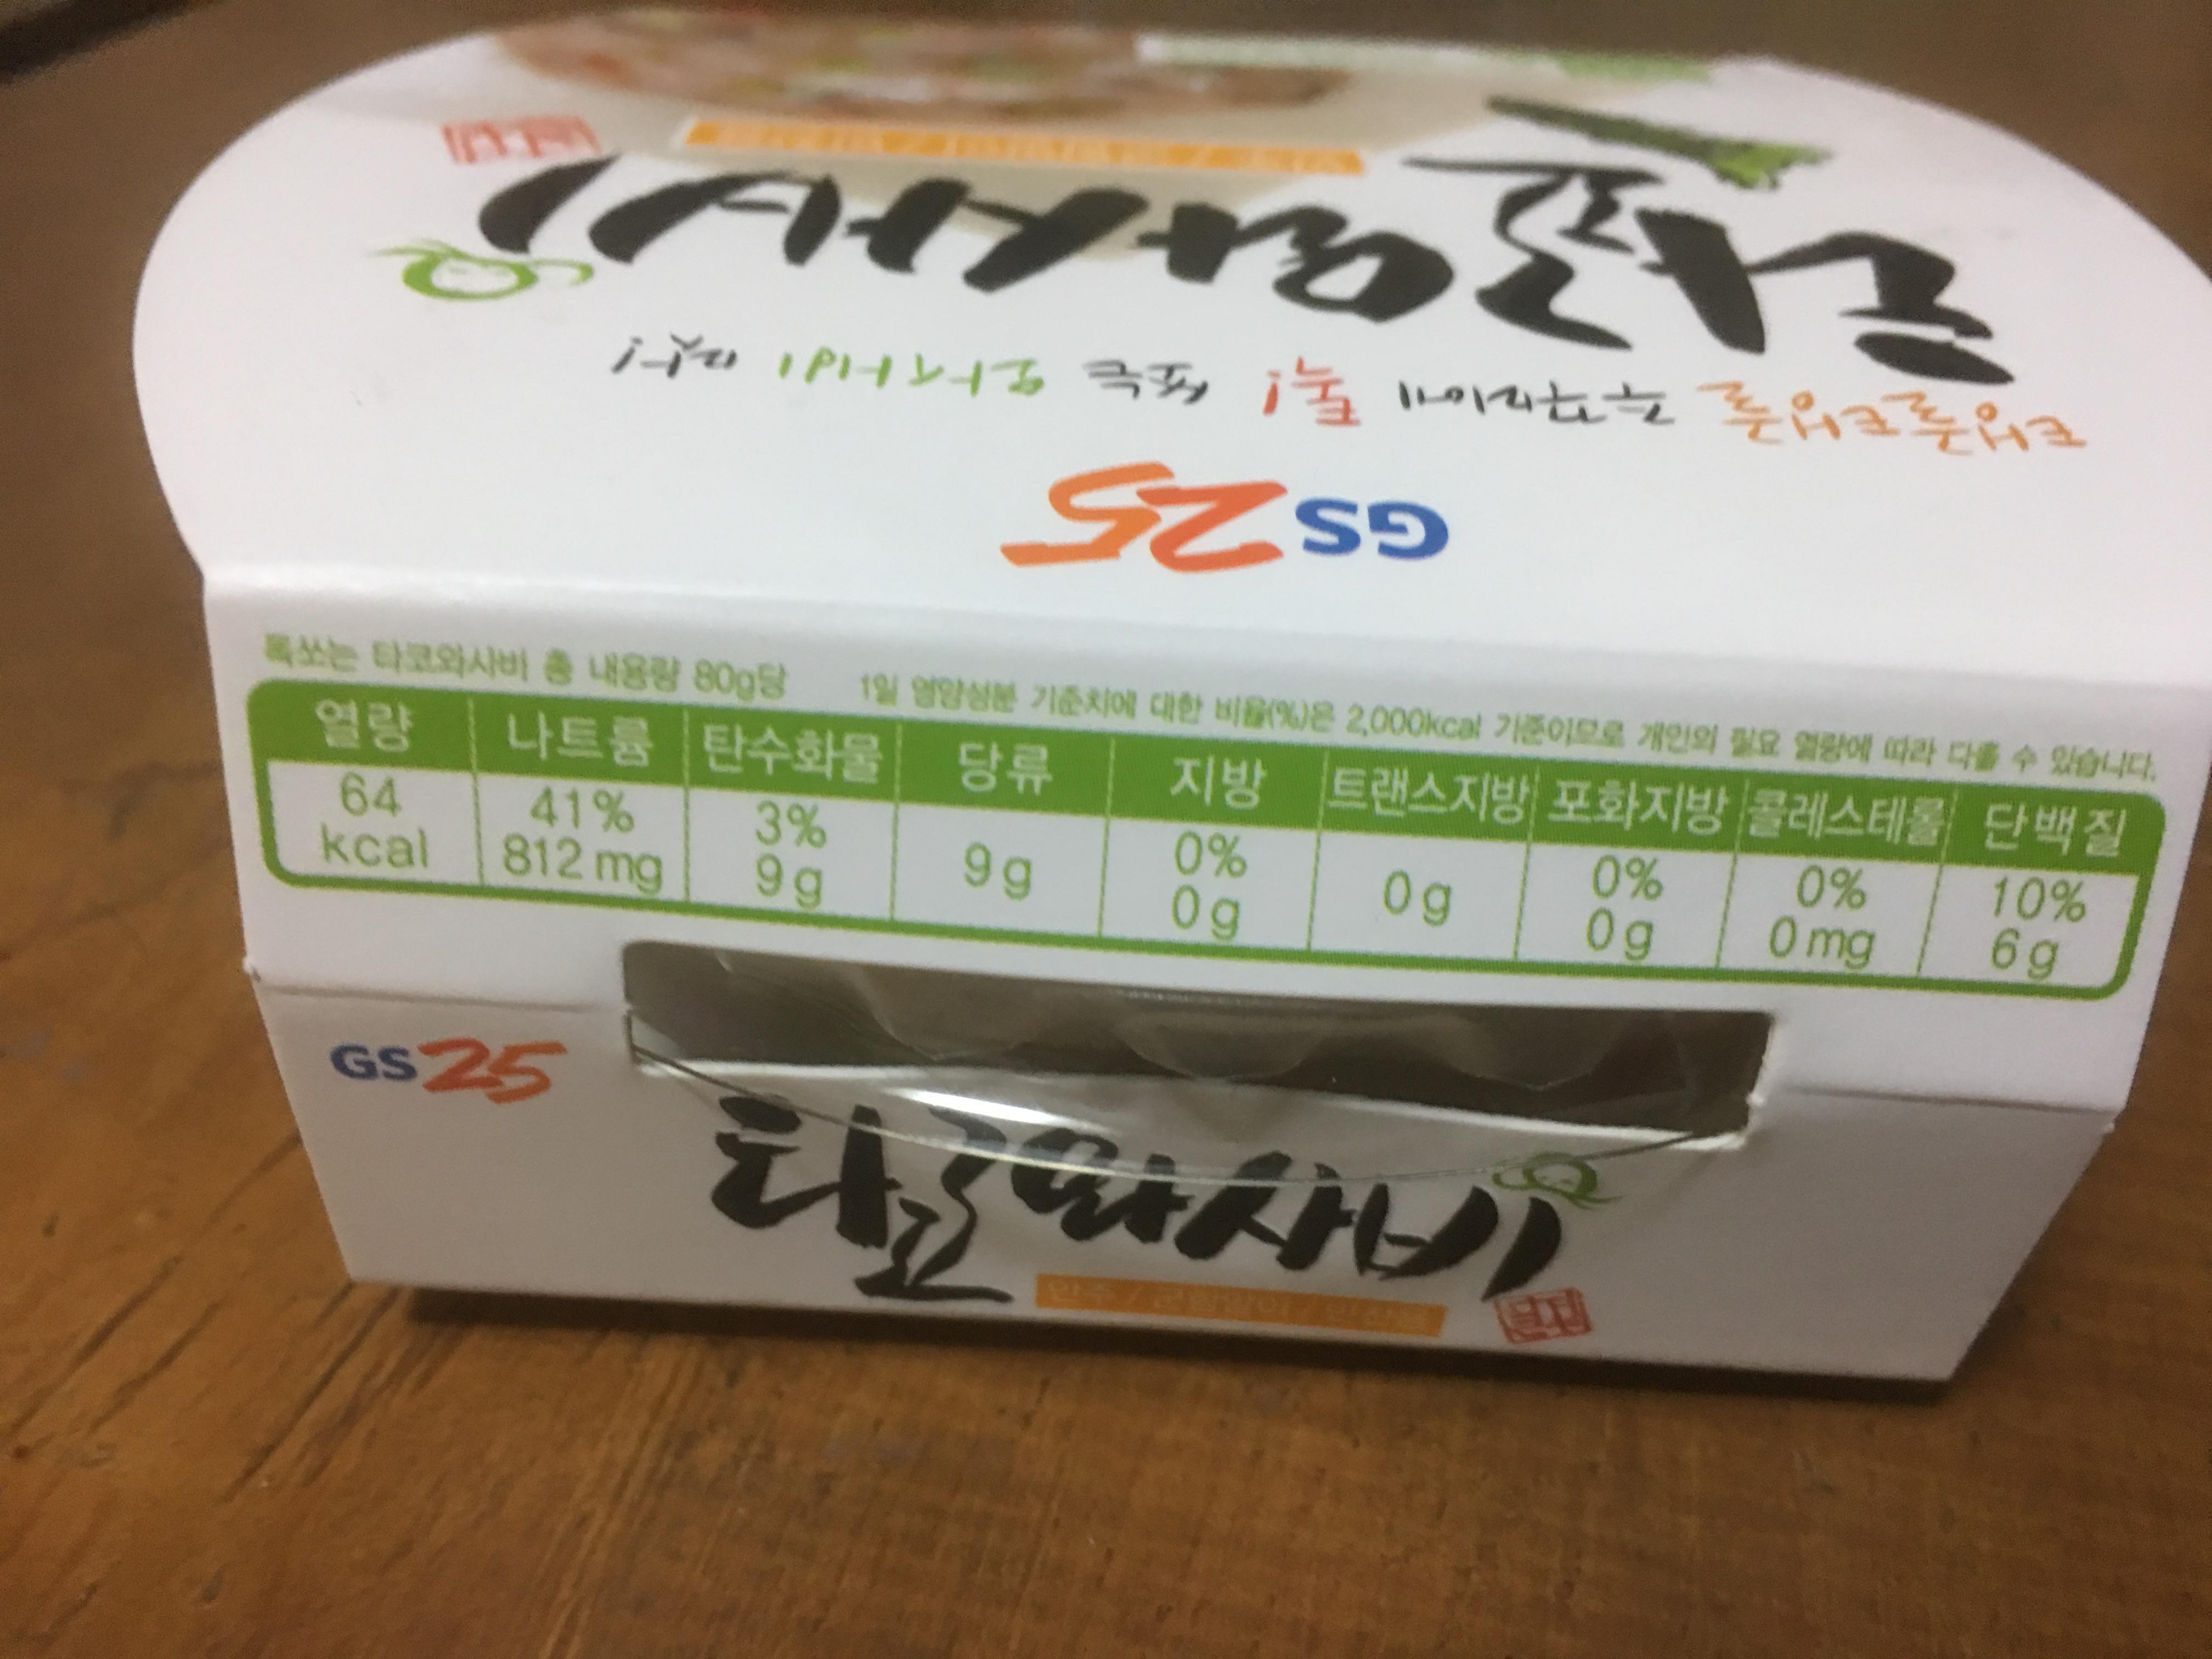 gs25 타코와사비